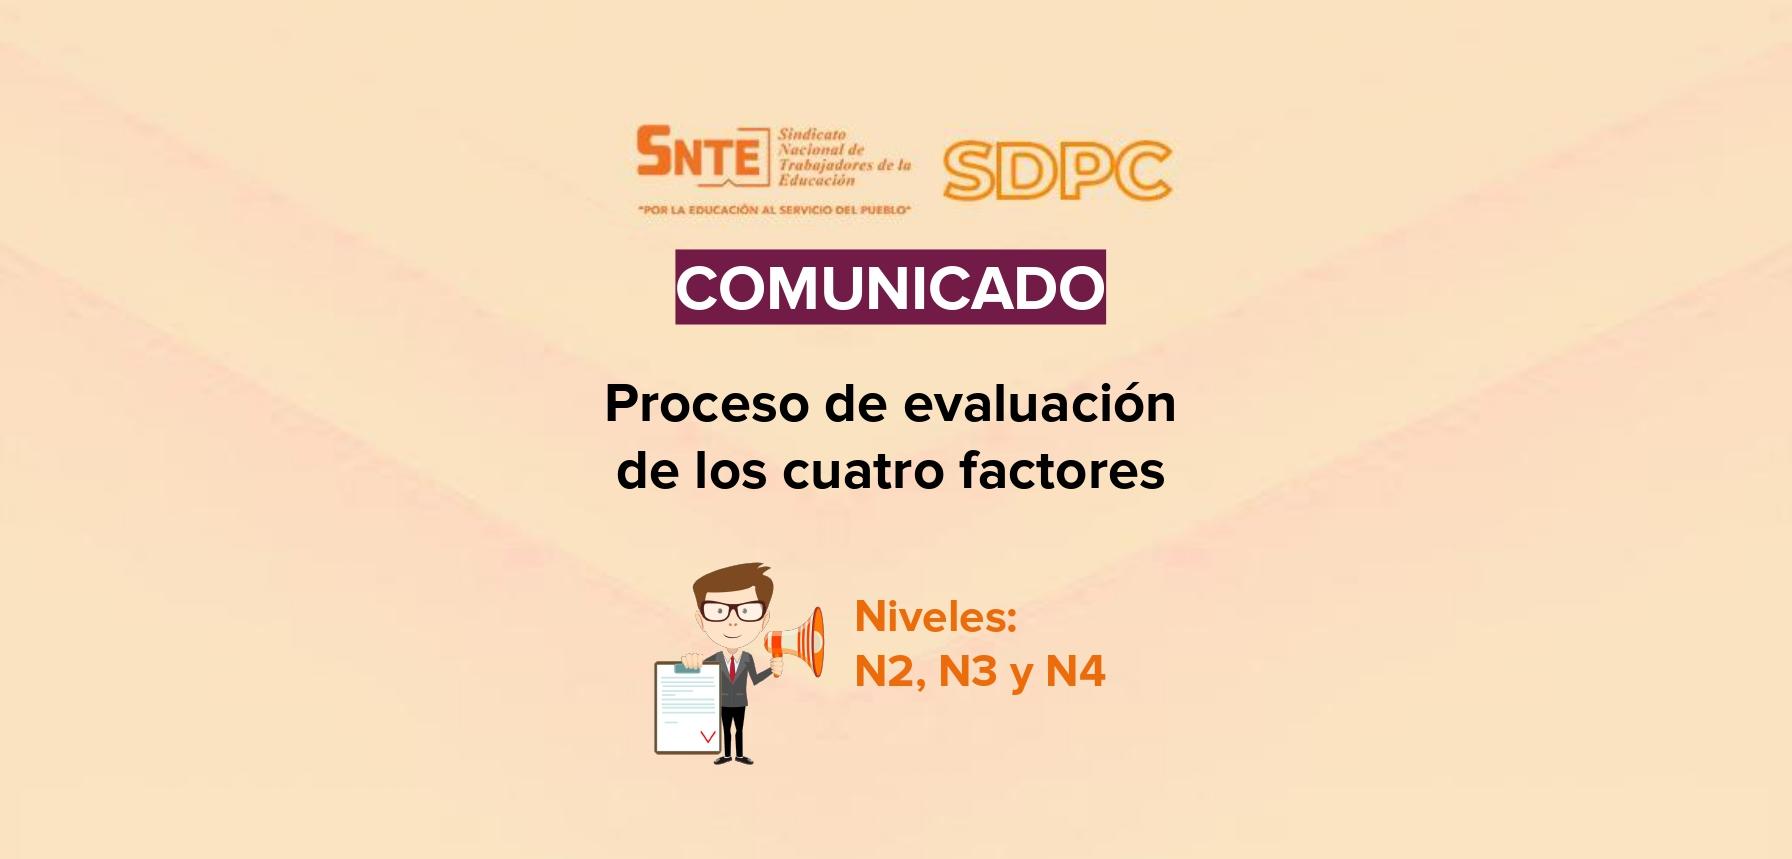 Comunicado: Proceso de evaluación de los cuatro factores. Niveles N2, N3 y N4 del SDPC